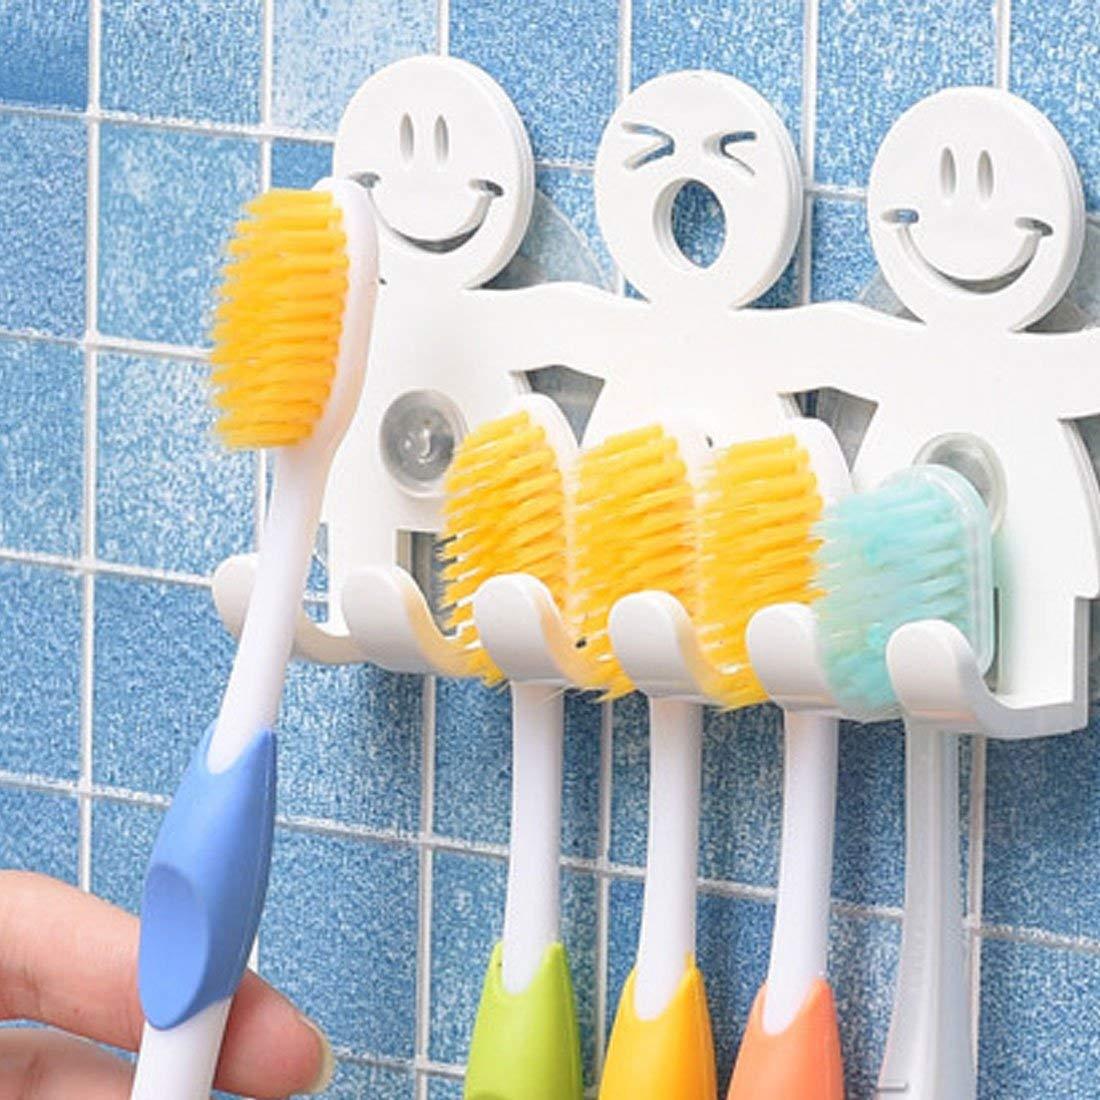 Cara Sonriente decoraci/ón del hogar Emoji Pared Godea Bonito Soporte para cepillos de Dientes con Ventosa para ba/ño 1 Talla /única